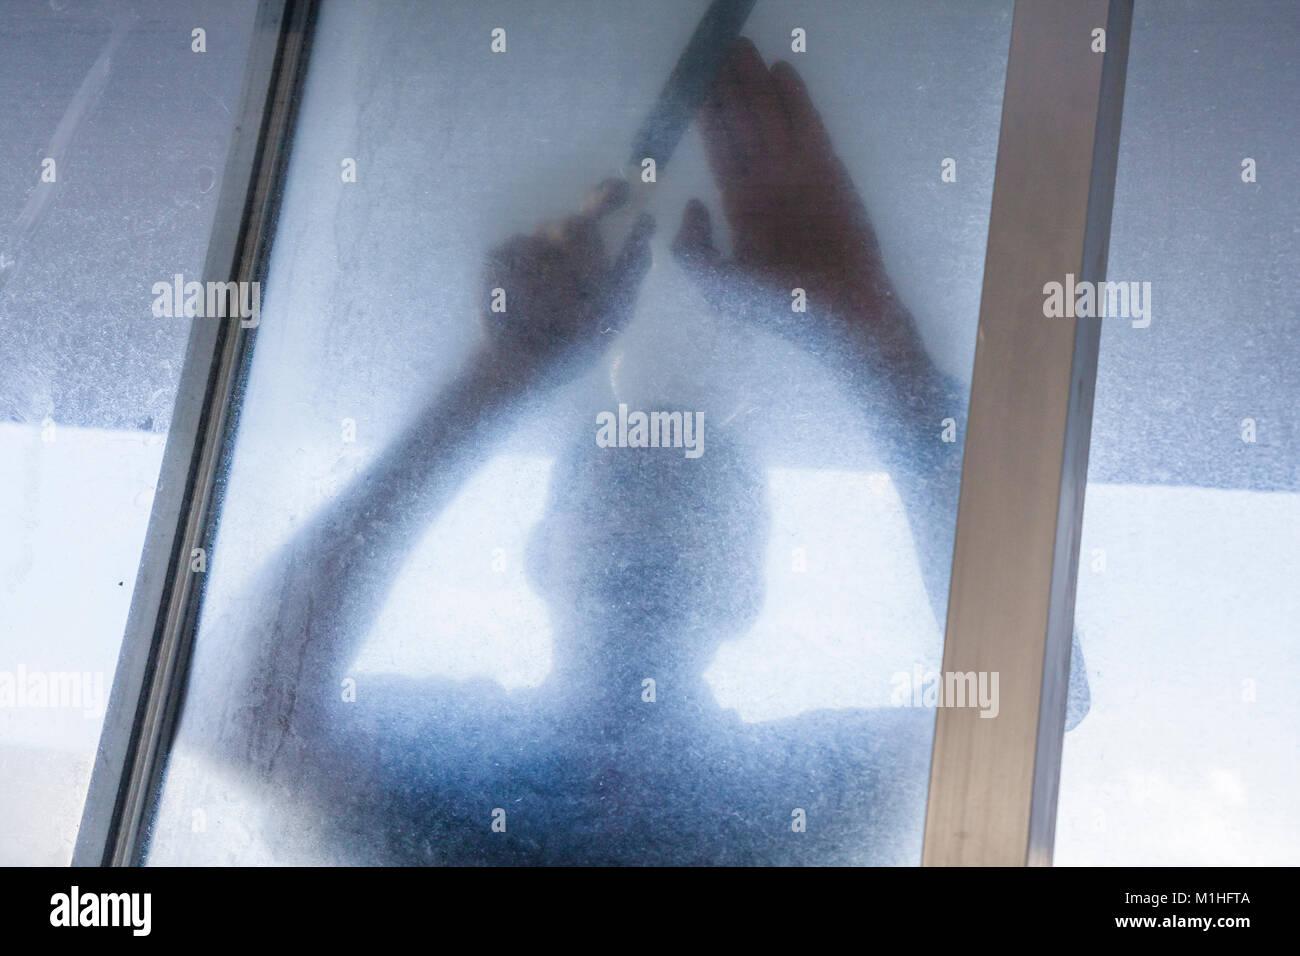 Miami Beach uomo ispanico edificio condominiale manutenzione riparazione lavoro porta a vetri scorrevole sporco Foto Stock